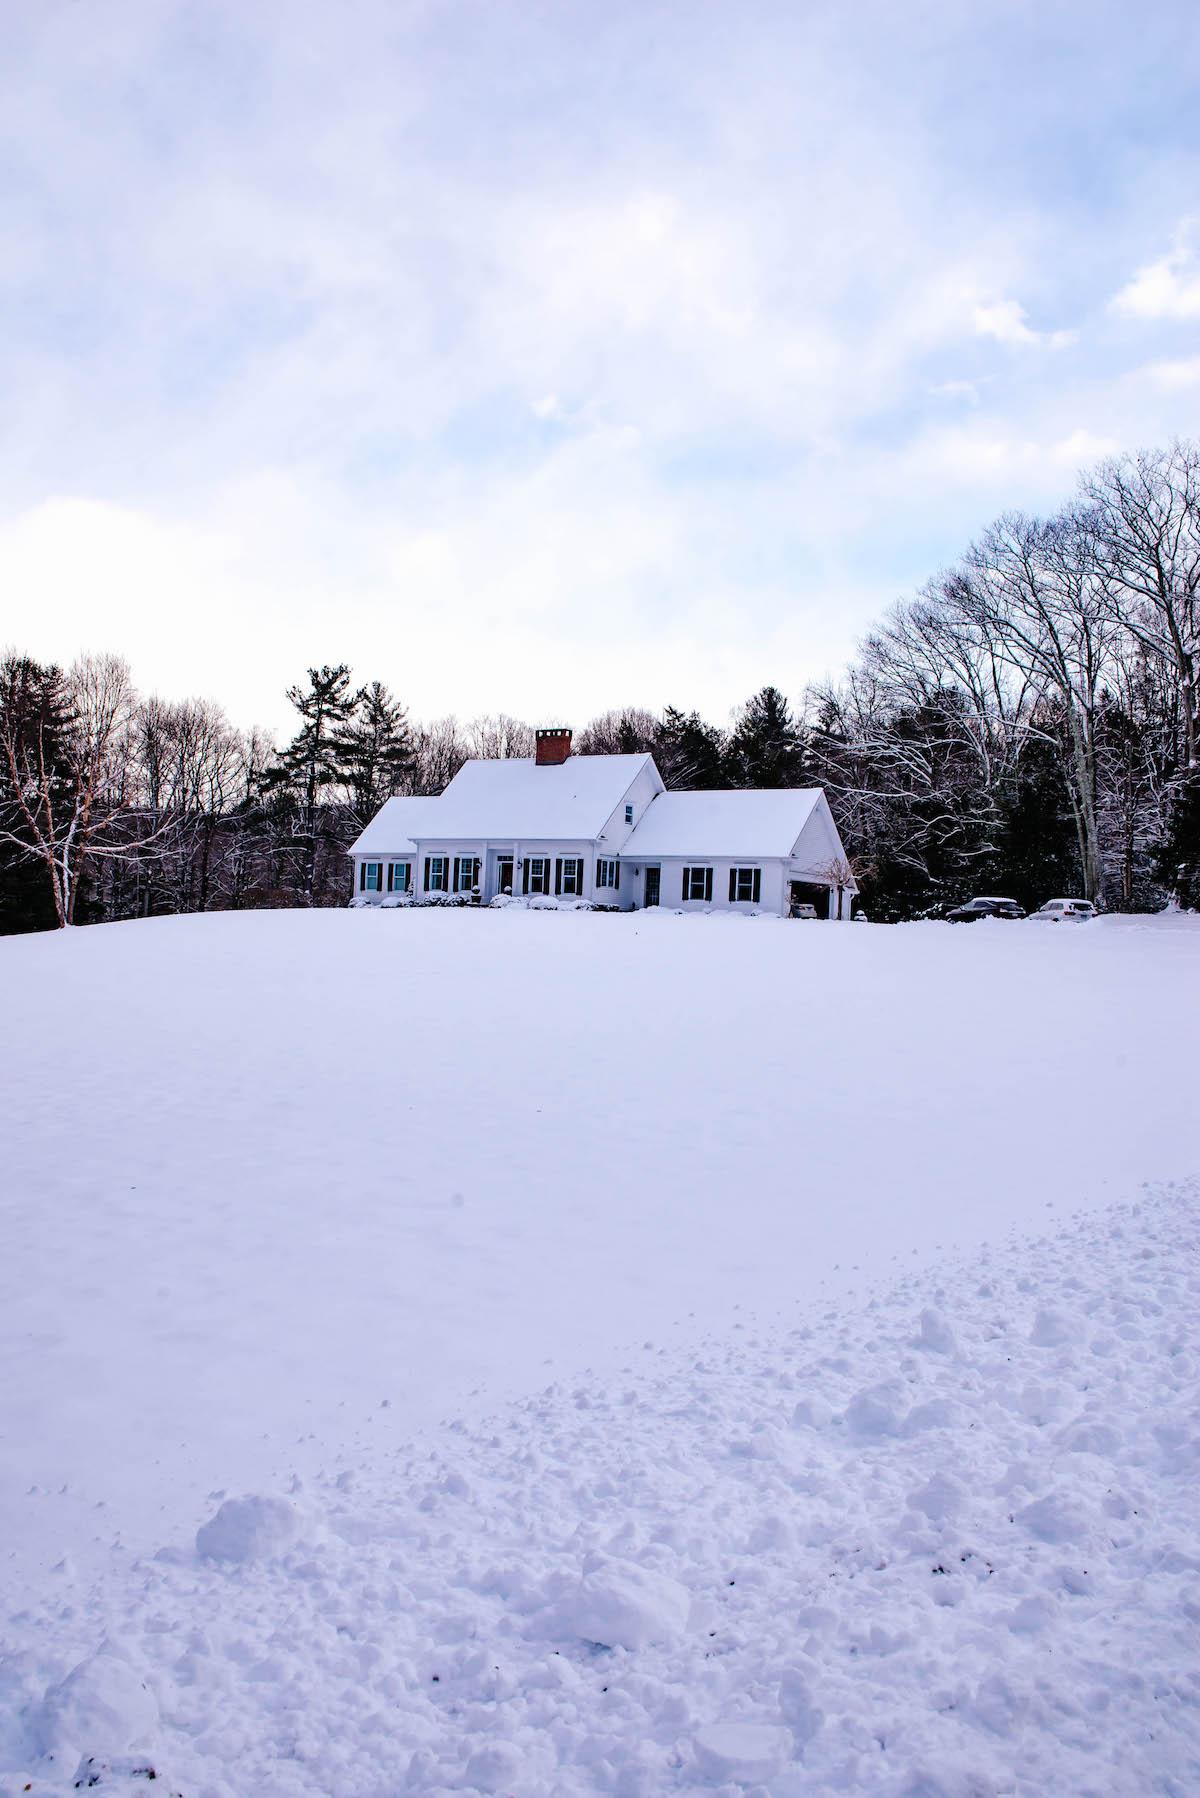 New England Snowfall